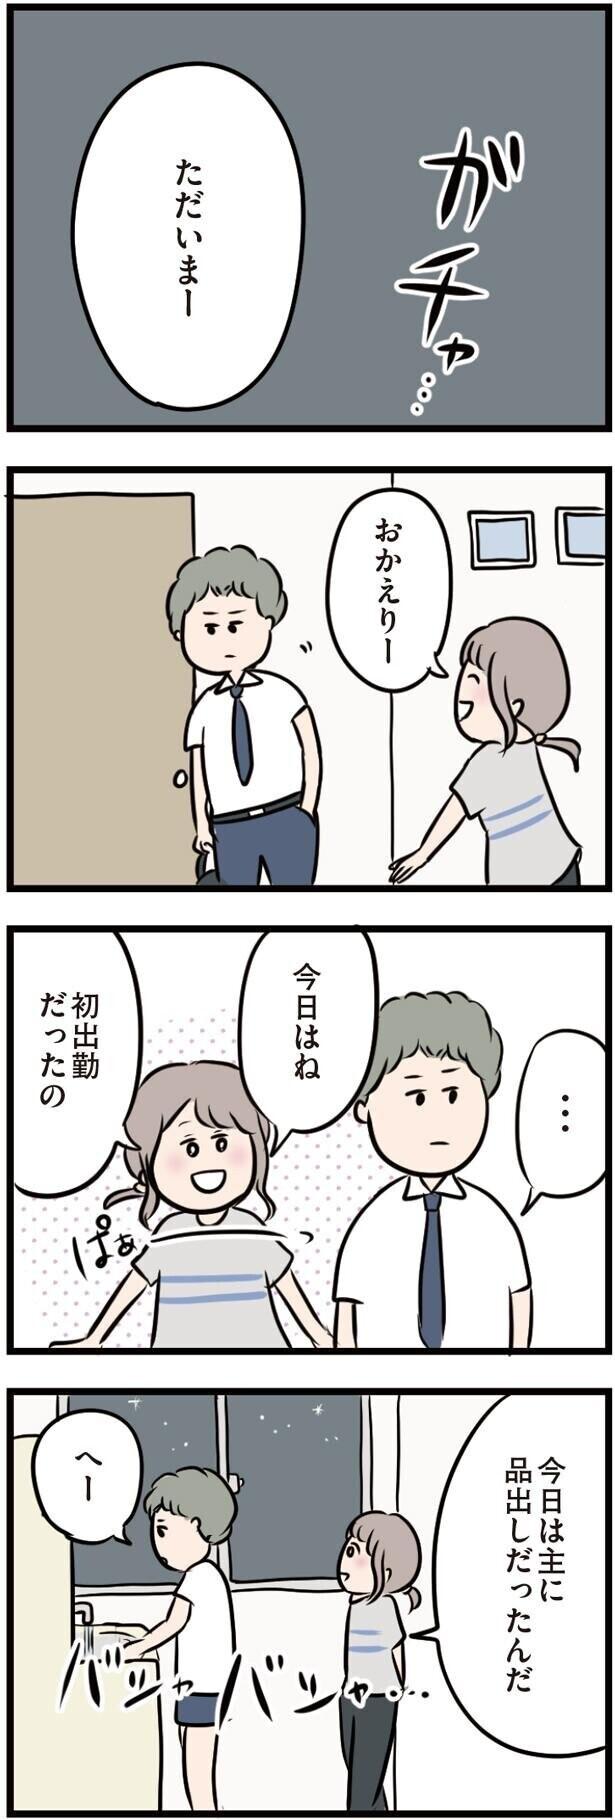 仕事で疲れた夫…いつになったら話を聞いてくれる?【夫がいても誰かを好きになってもいいですか? Vol.8】